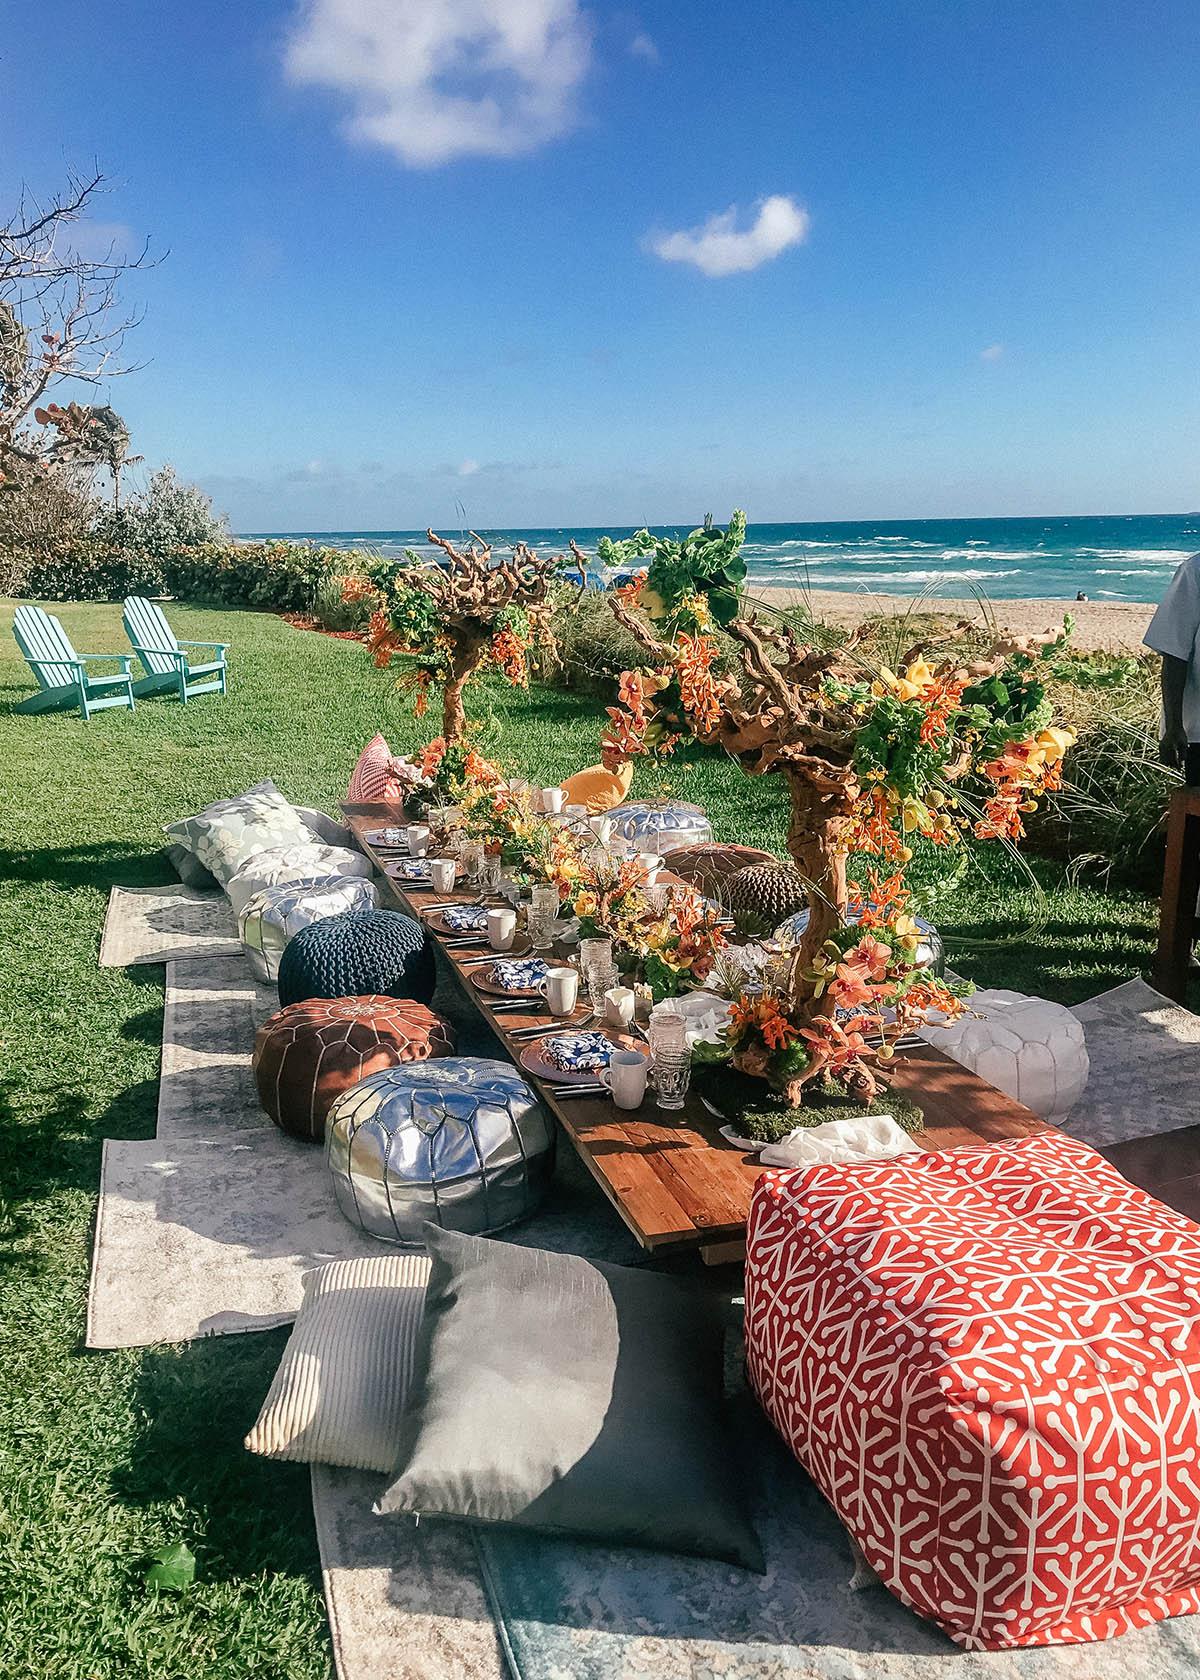 Four Seasons Palm Beach | Palm Beach Spring Trip Recap